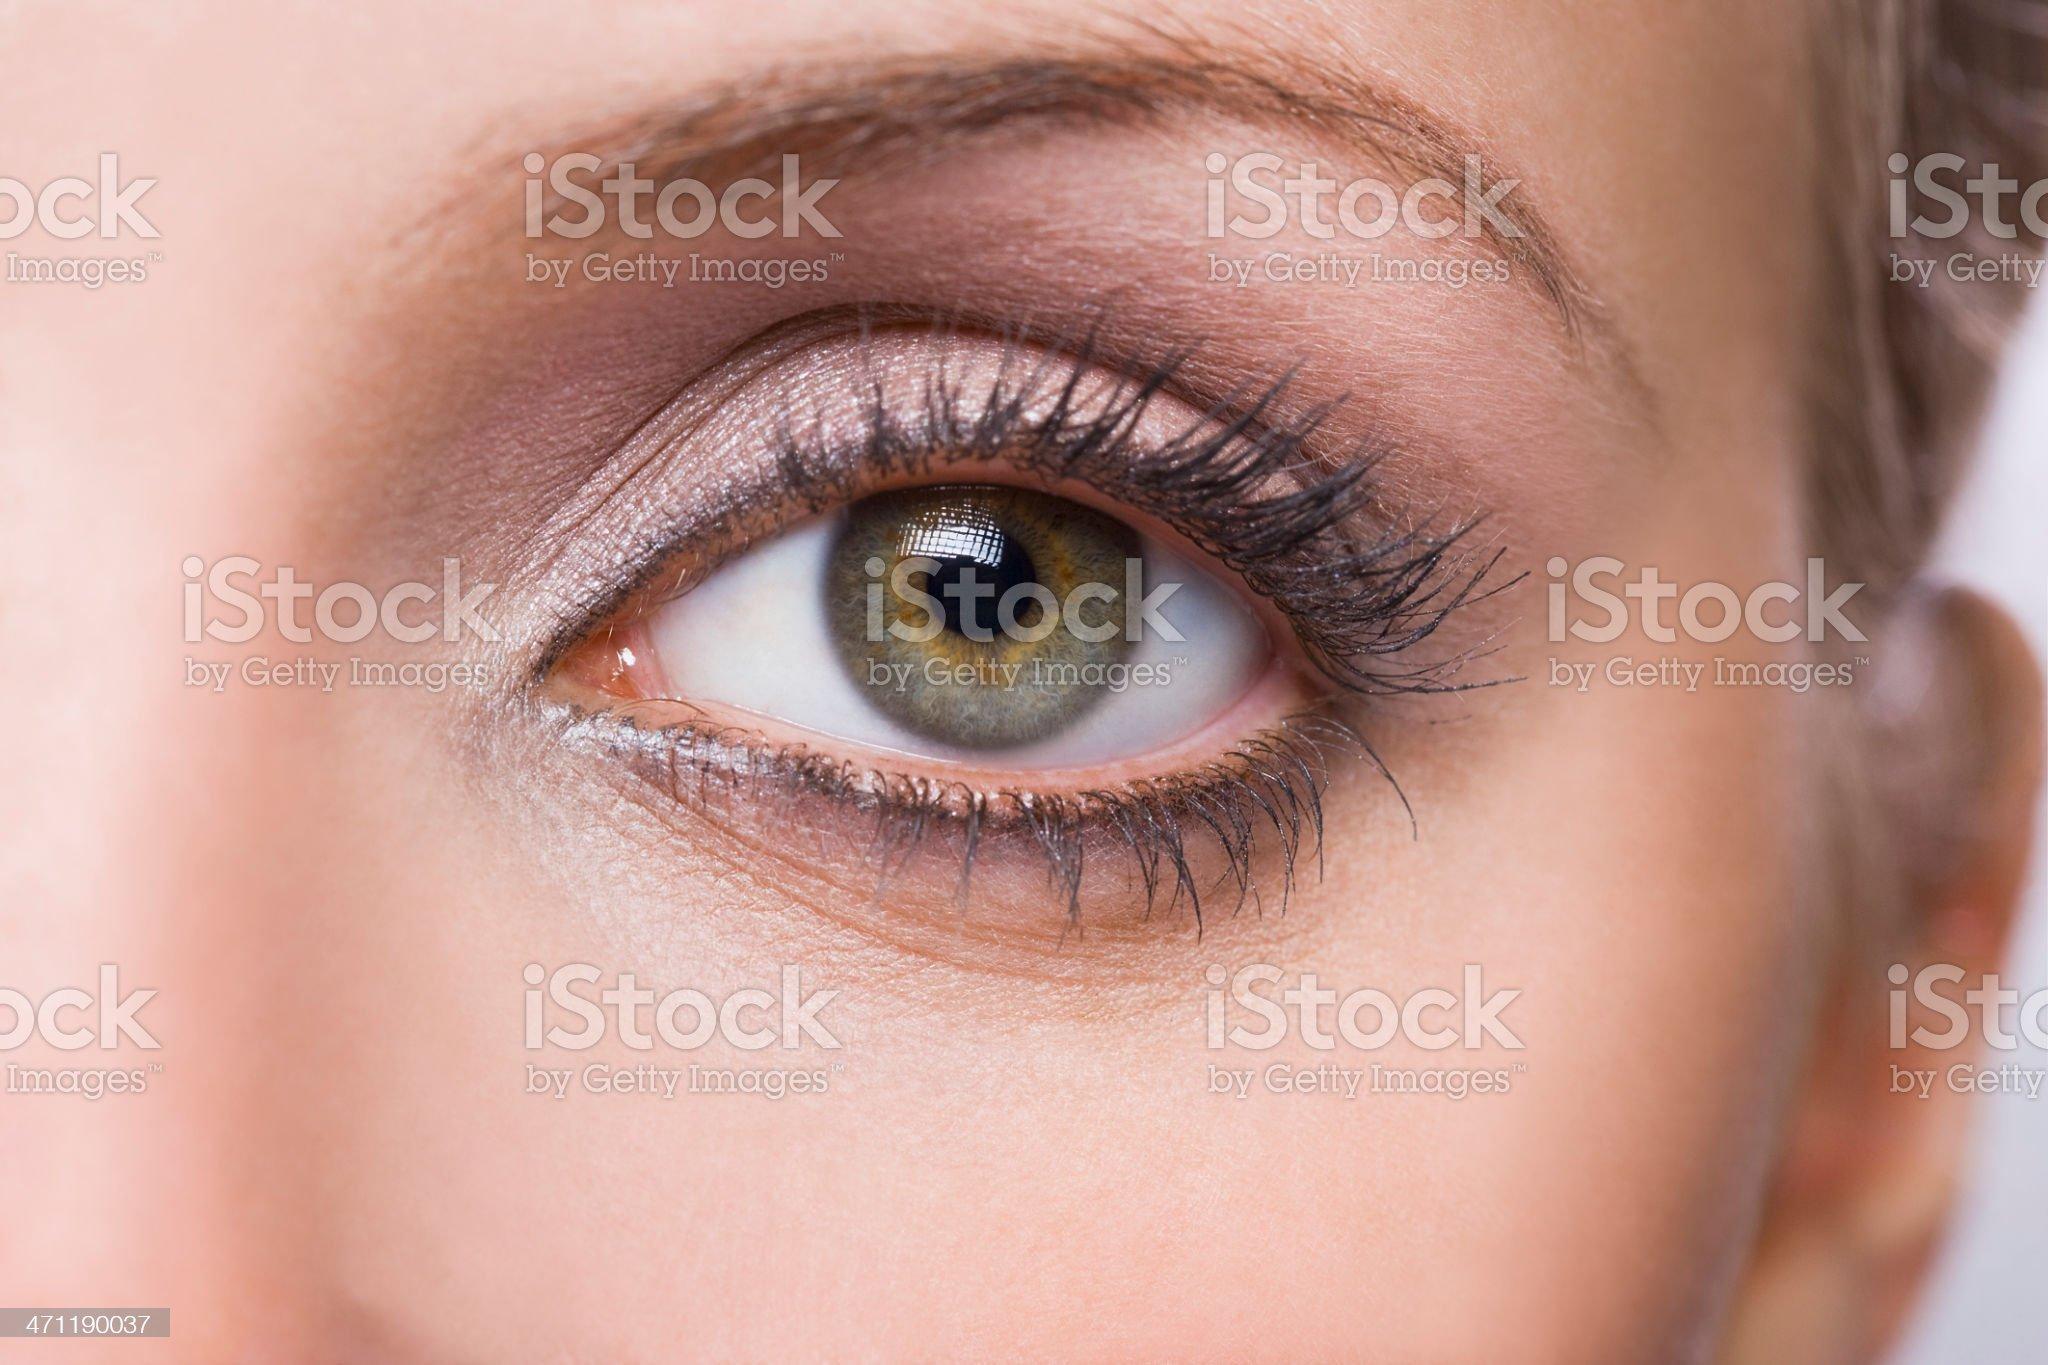 Woman's eye royalty-free stock photo